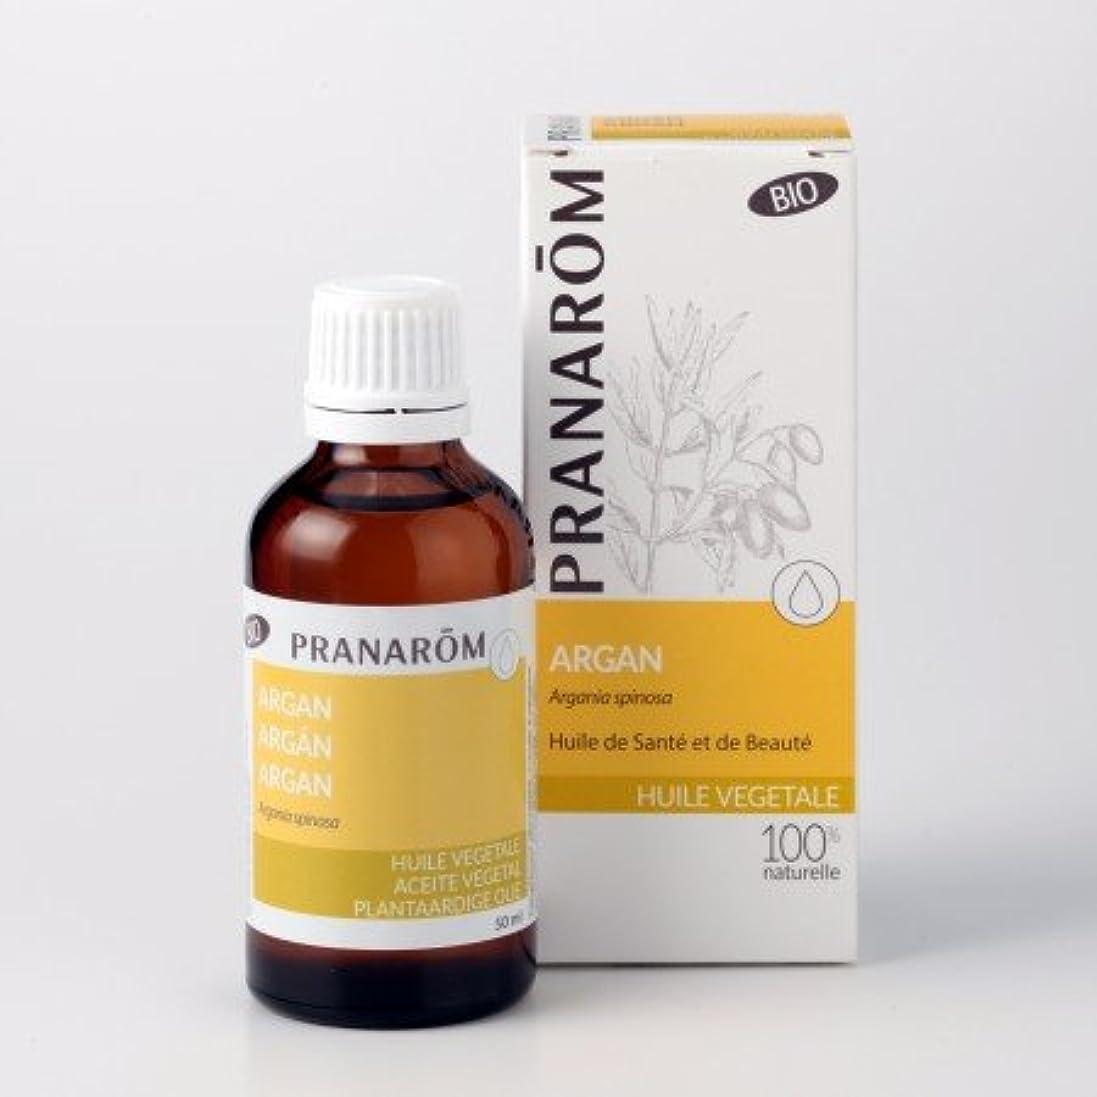 スカイ魔法敵プラナロム ( PRANAROM ) 植物油 アルガン油 50ml 12648 アルガンオイル キャリアオイル ( 化粧油 )